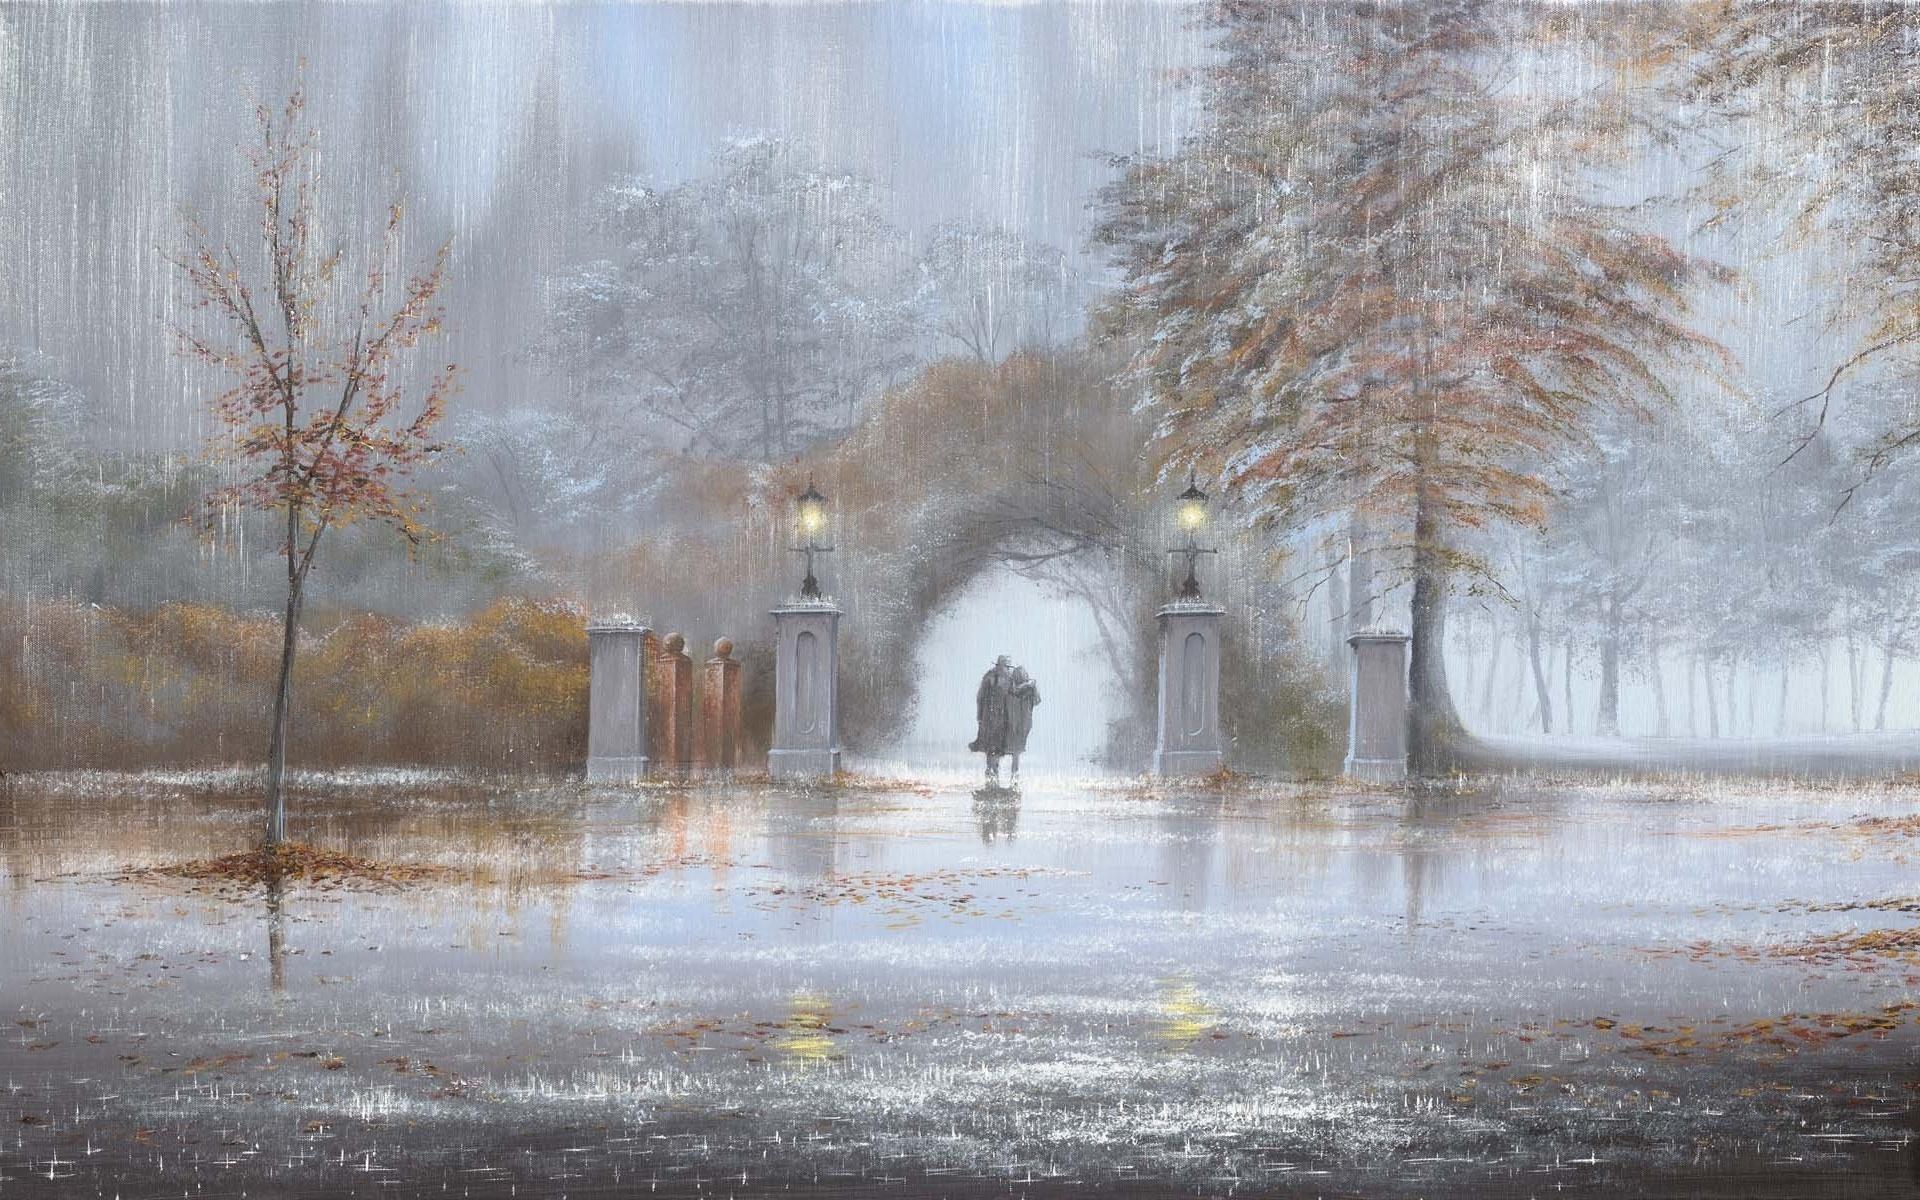 Картинки, картинки анимация дождь и снег